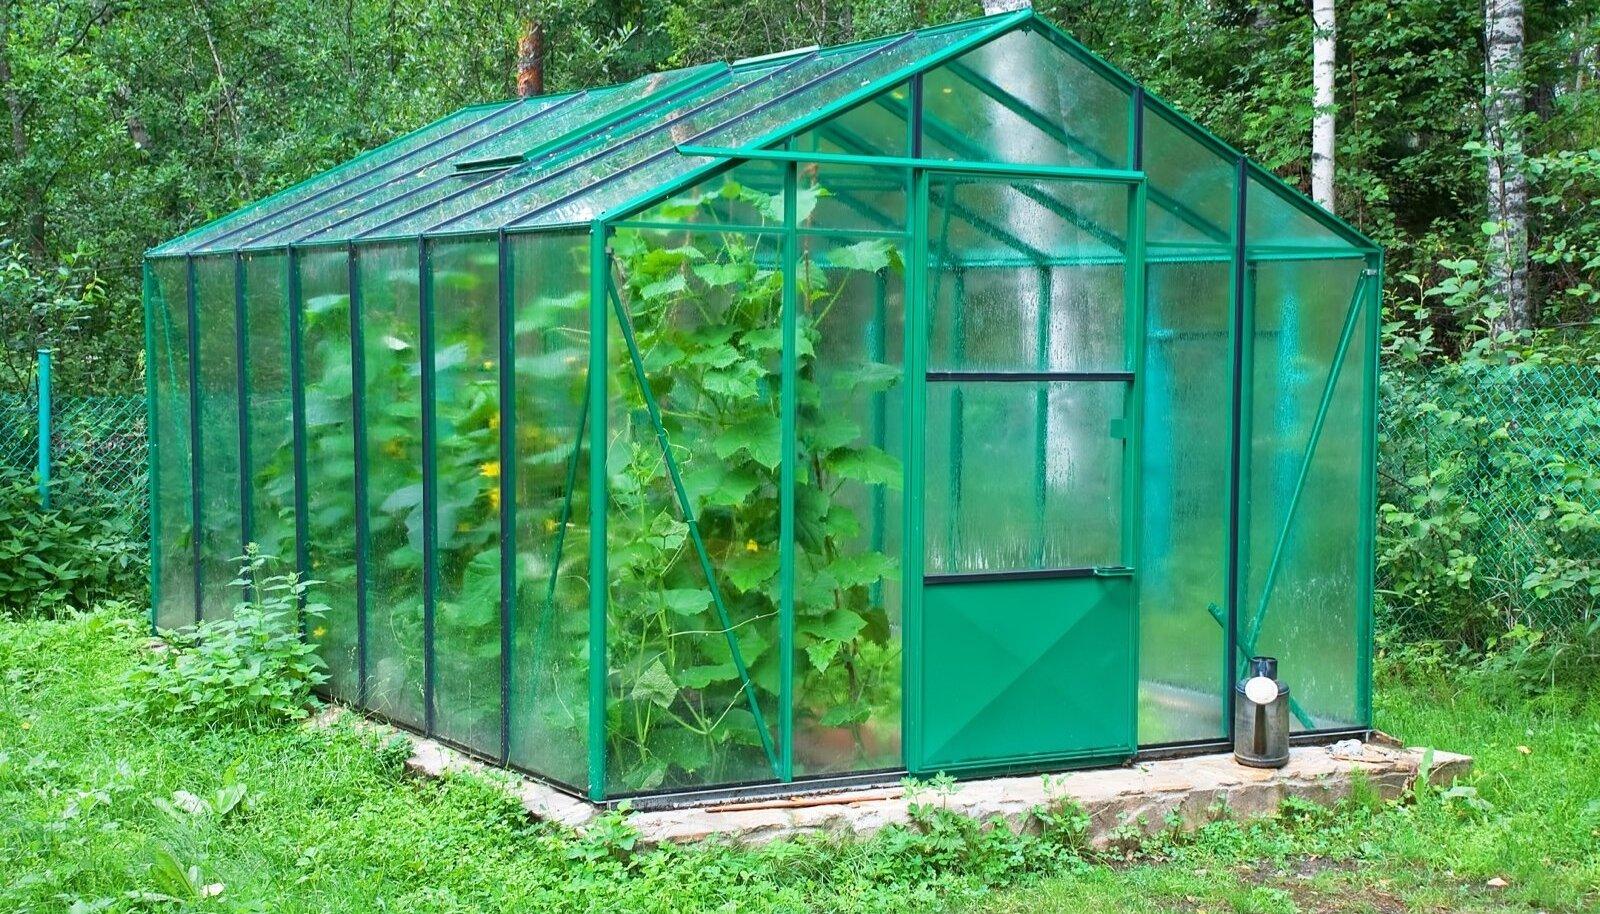 Kasvuhoone on meie kliimas lausa hädavajalik.